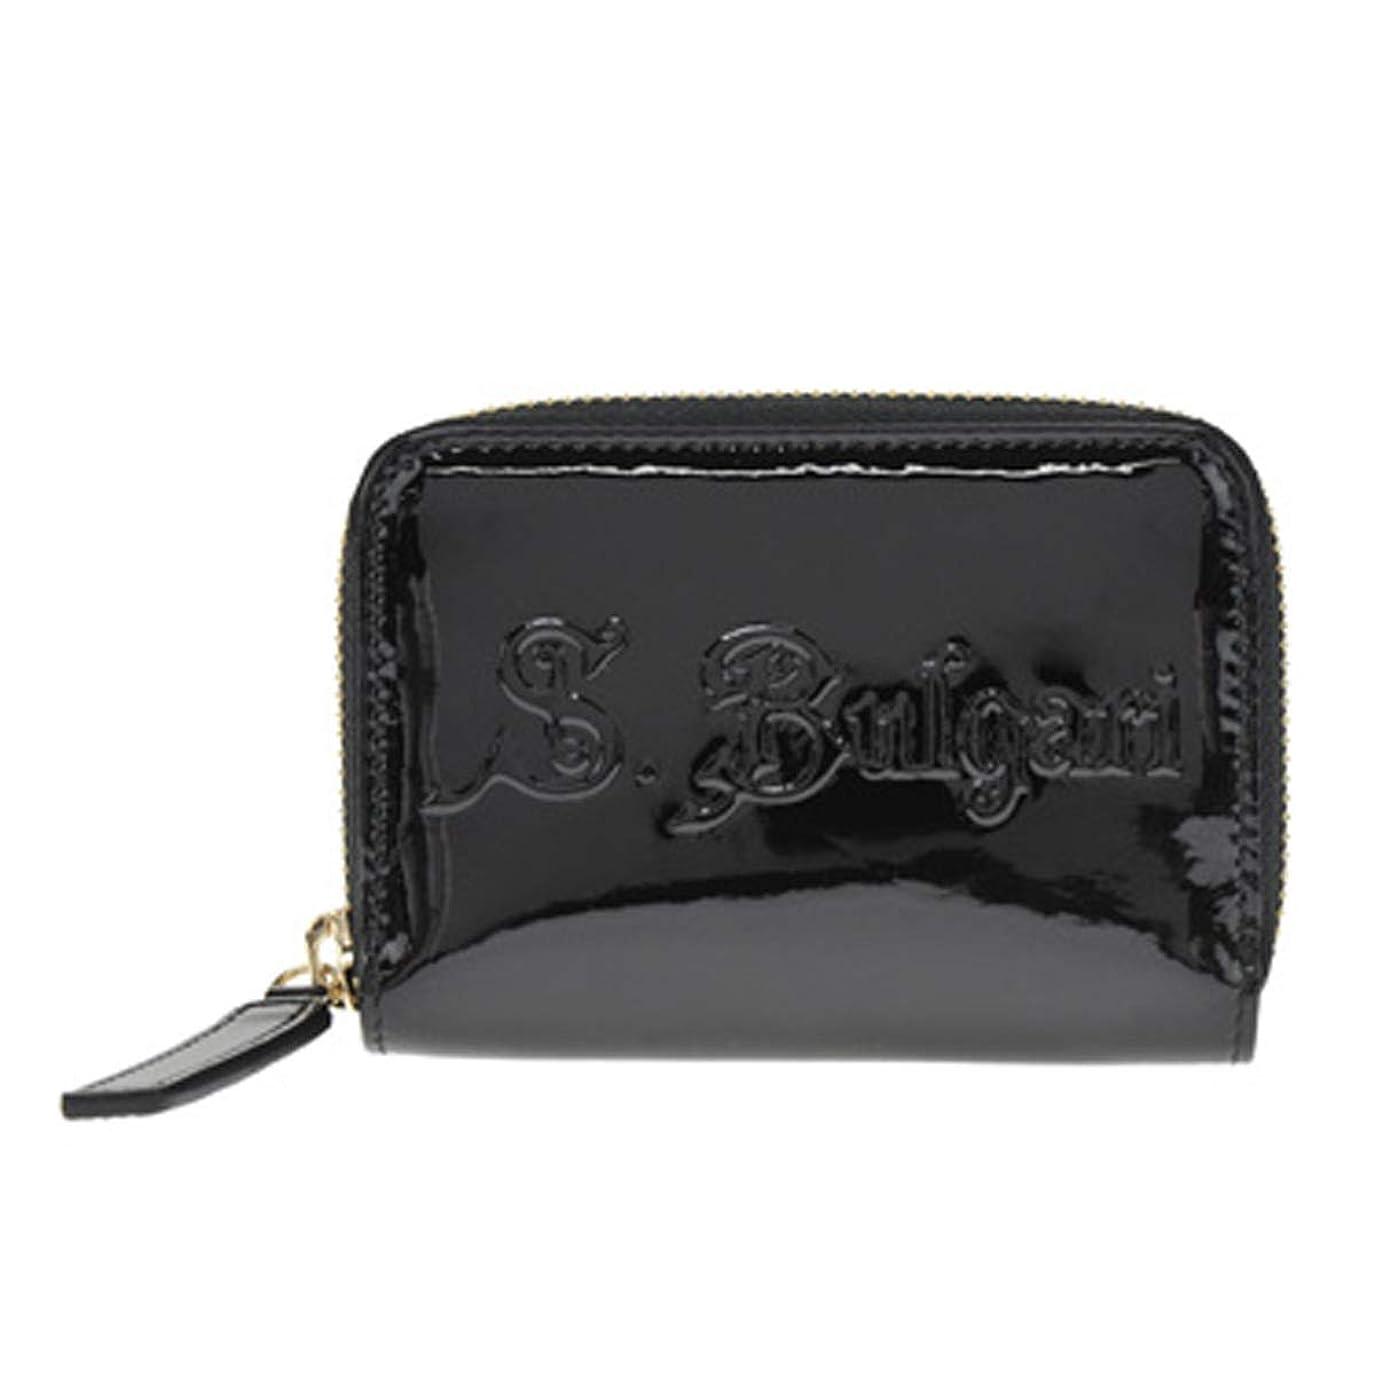 統合黒コスチューム[ブルガリ] 小銭入れ コインケース コインパース 31711 Mini zipped wallet S.BULGARI Black ブラック [並行輸入品]